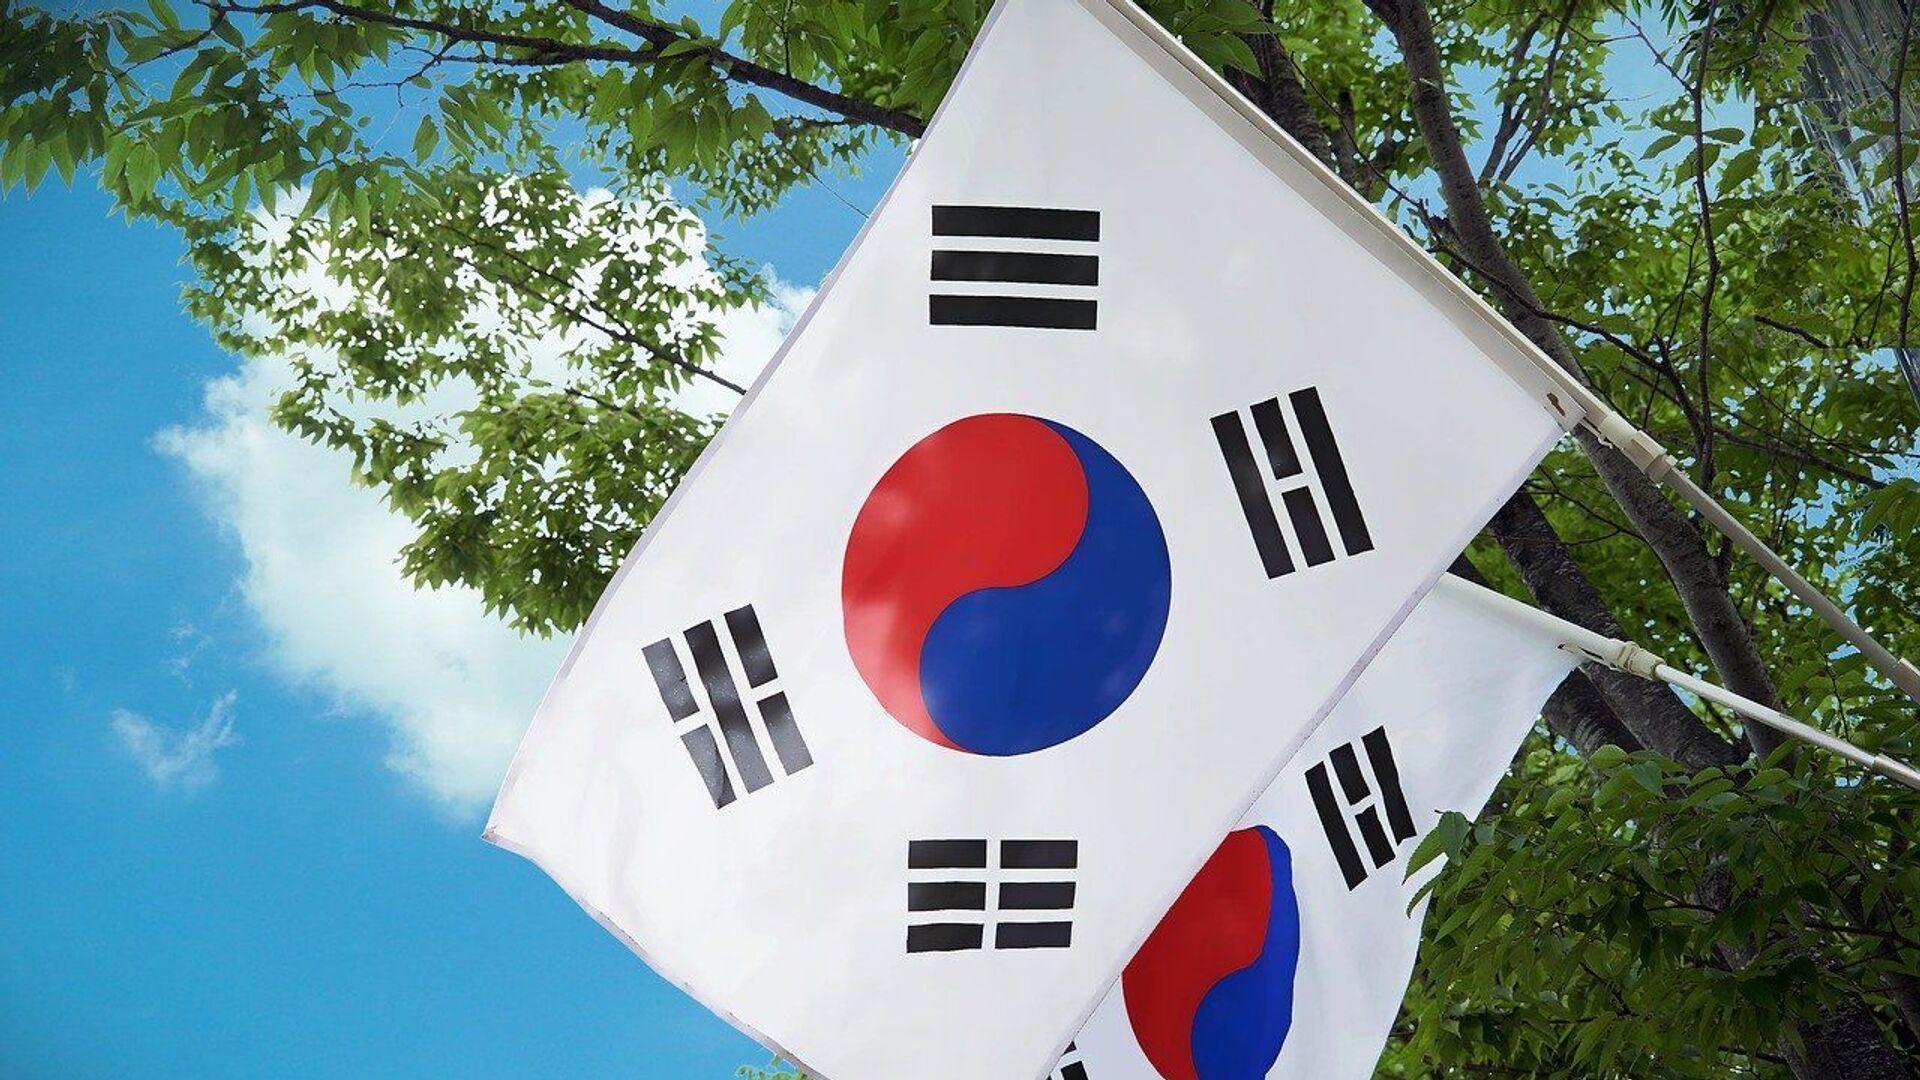 Σημαίες της Νότιας Κορέας - Sputnik Ελλάδα, 1920, 27.07.2021